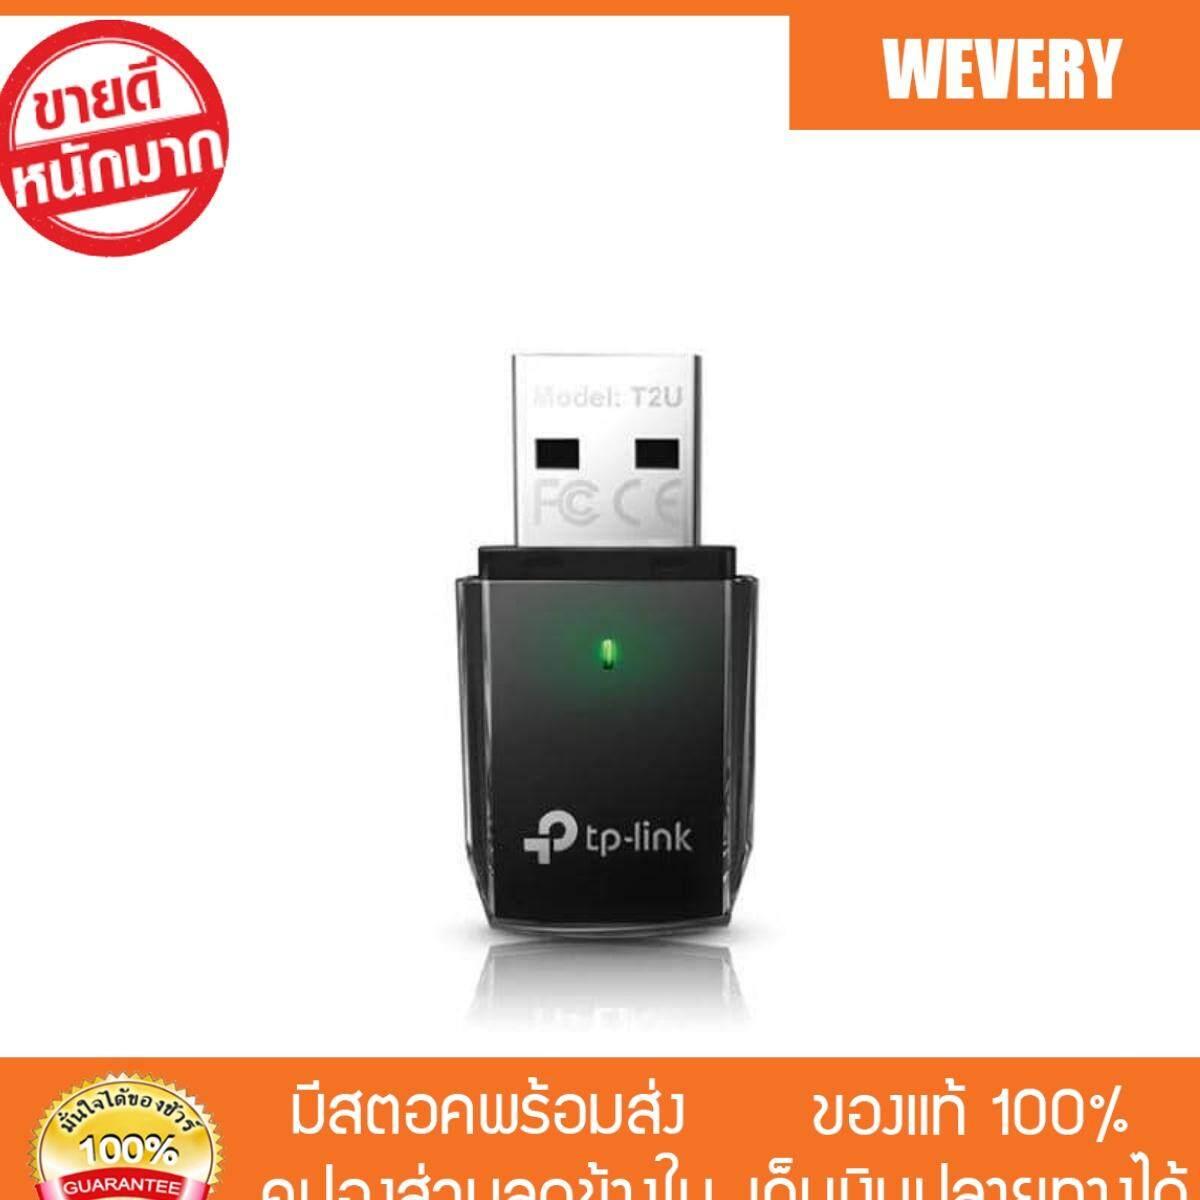 ขายดีมาก! [Wevery] TP-LINK Archer T2U อุปกรณ์รับ Wi-Fi (AC600 Wireless Dual Band USB Adapter) ตัวรับไวไฟ ตัวรับสัญญาณ wifi ส่ง Kerry เก็บปลายทางได้